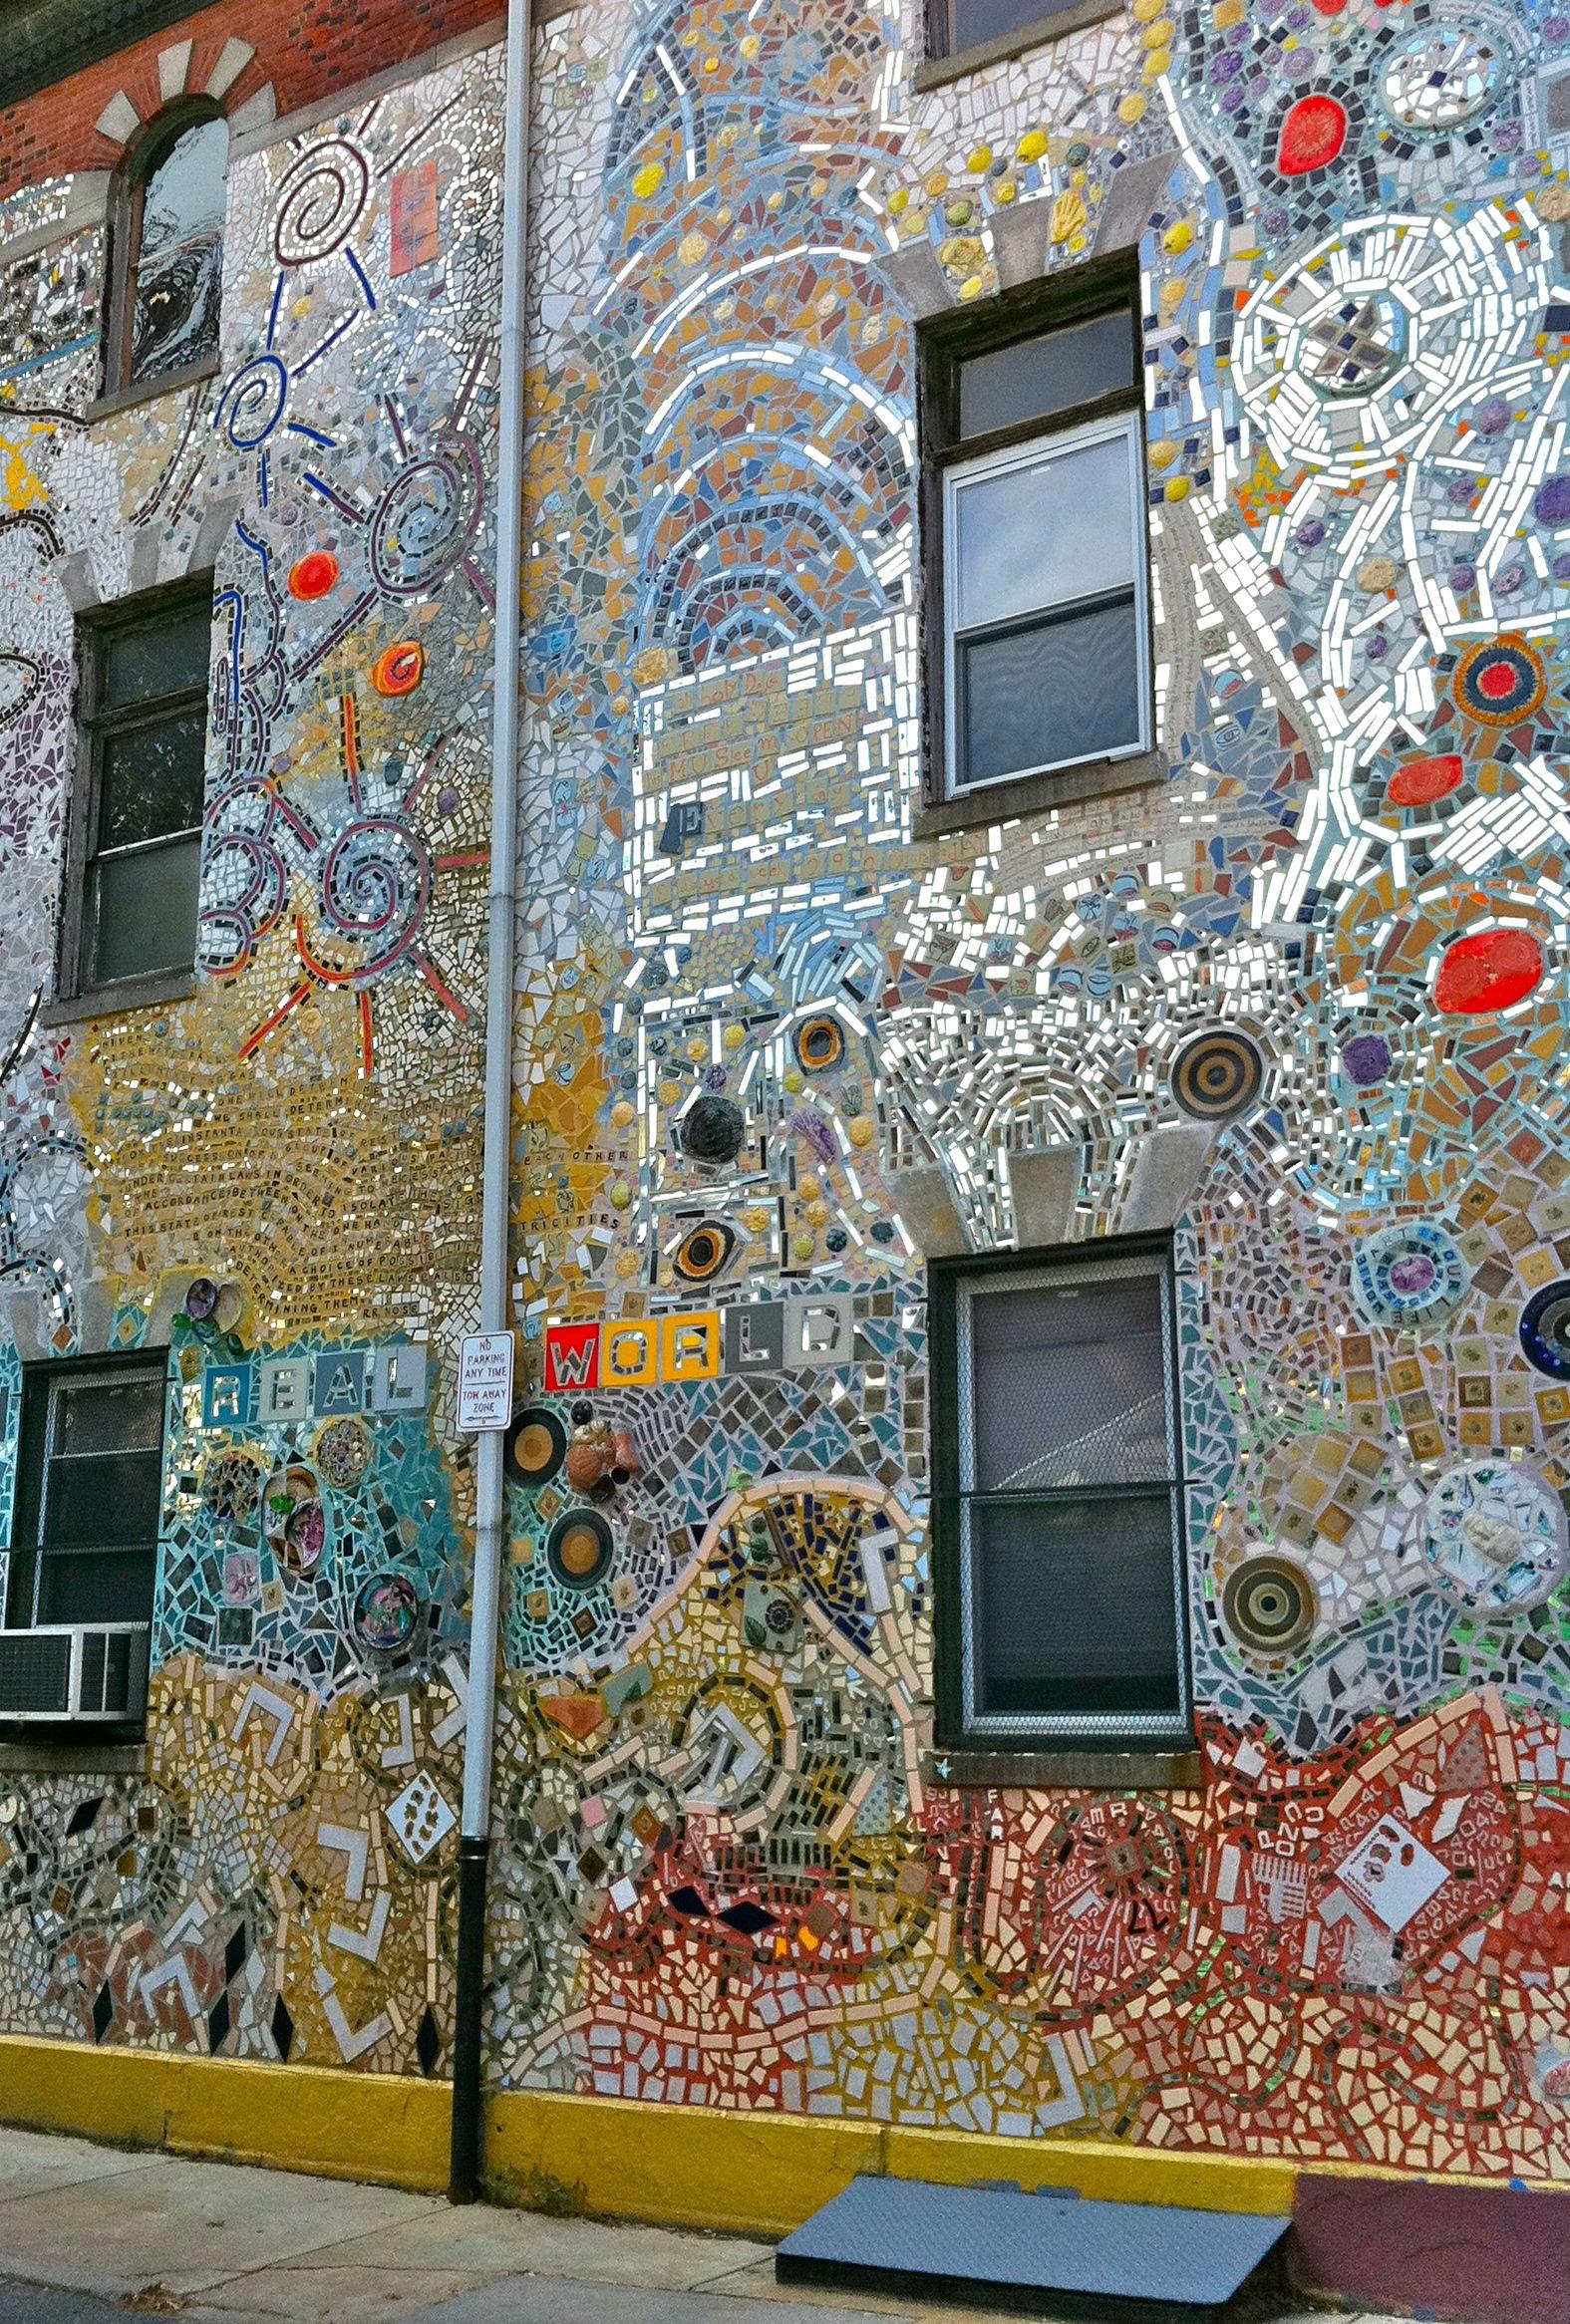 Maison recouverte de mosa ques mosaic covering a - Fresque carrelage mural ...